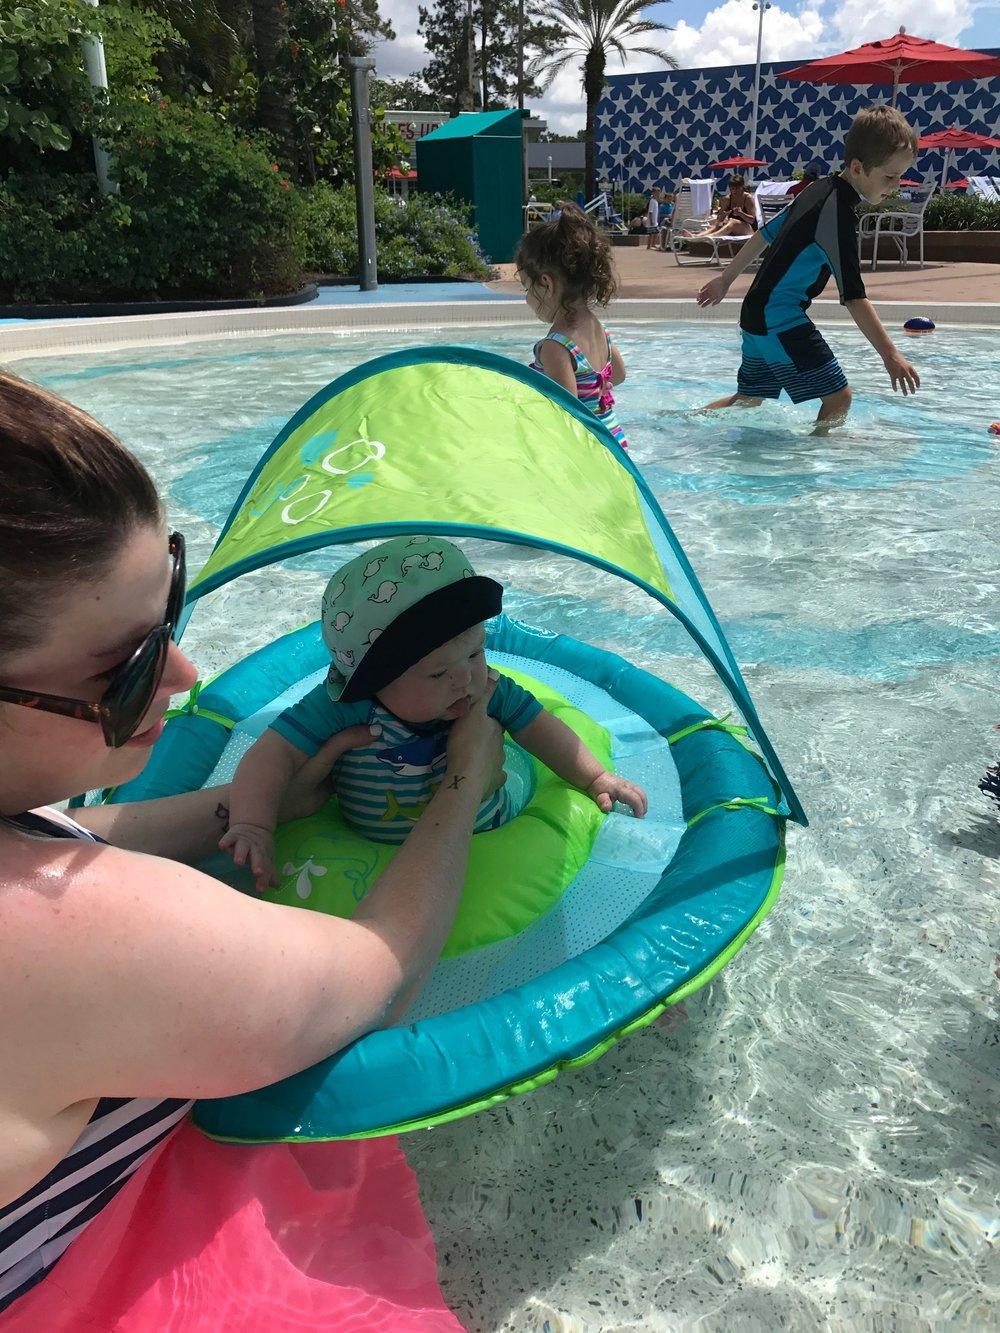 In the kiddie pool